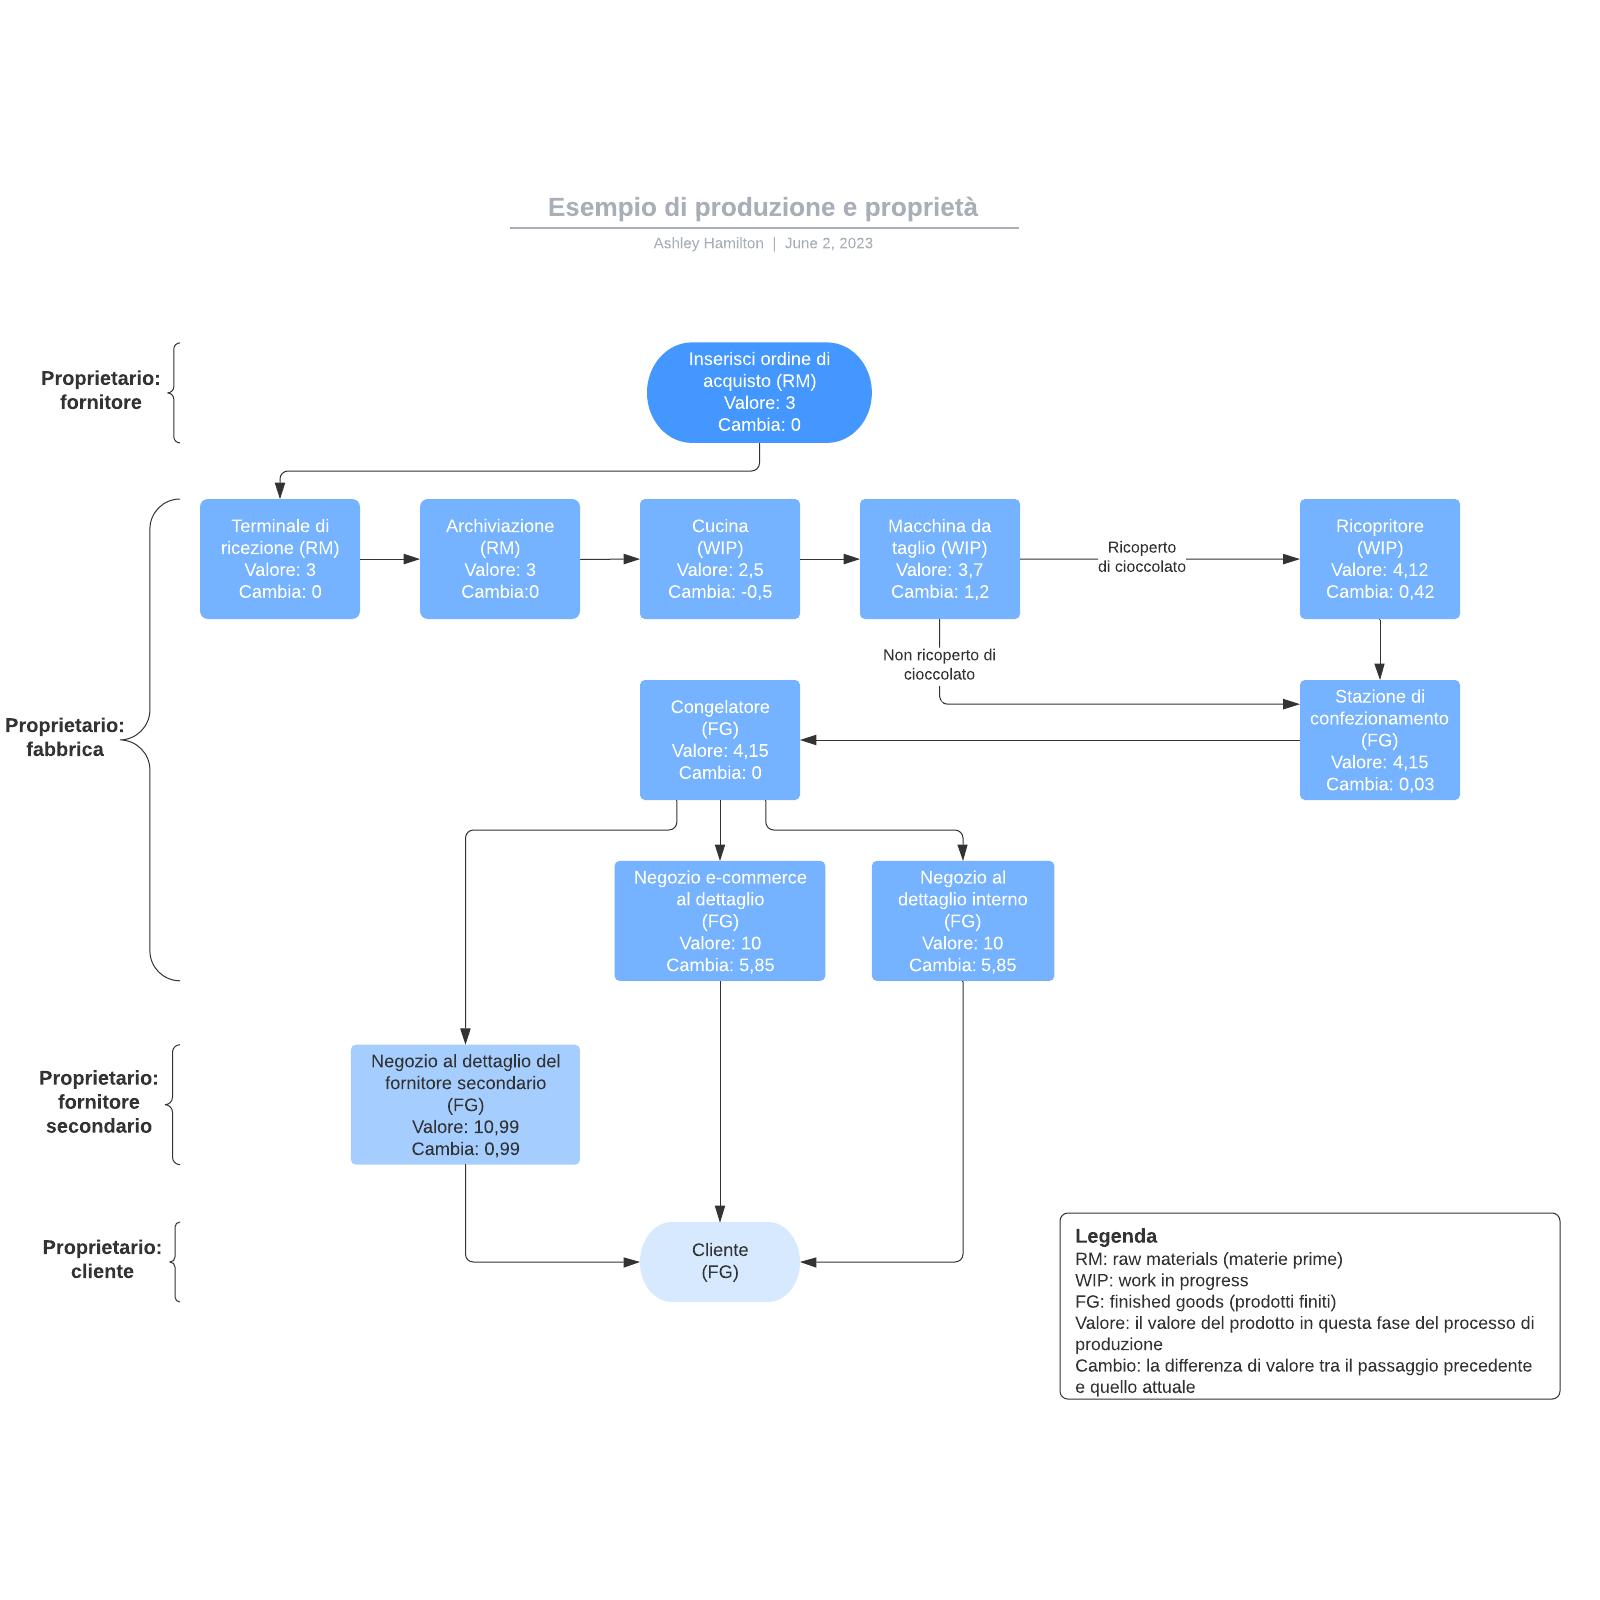 Esempio di produzione e proprietà